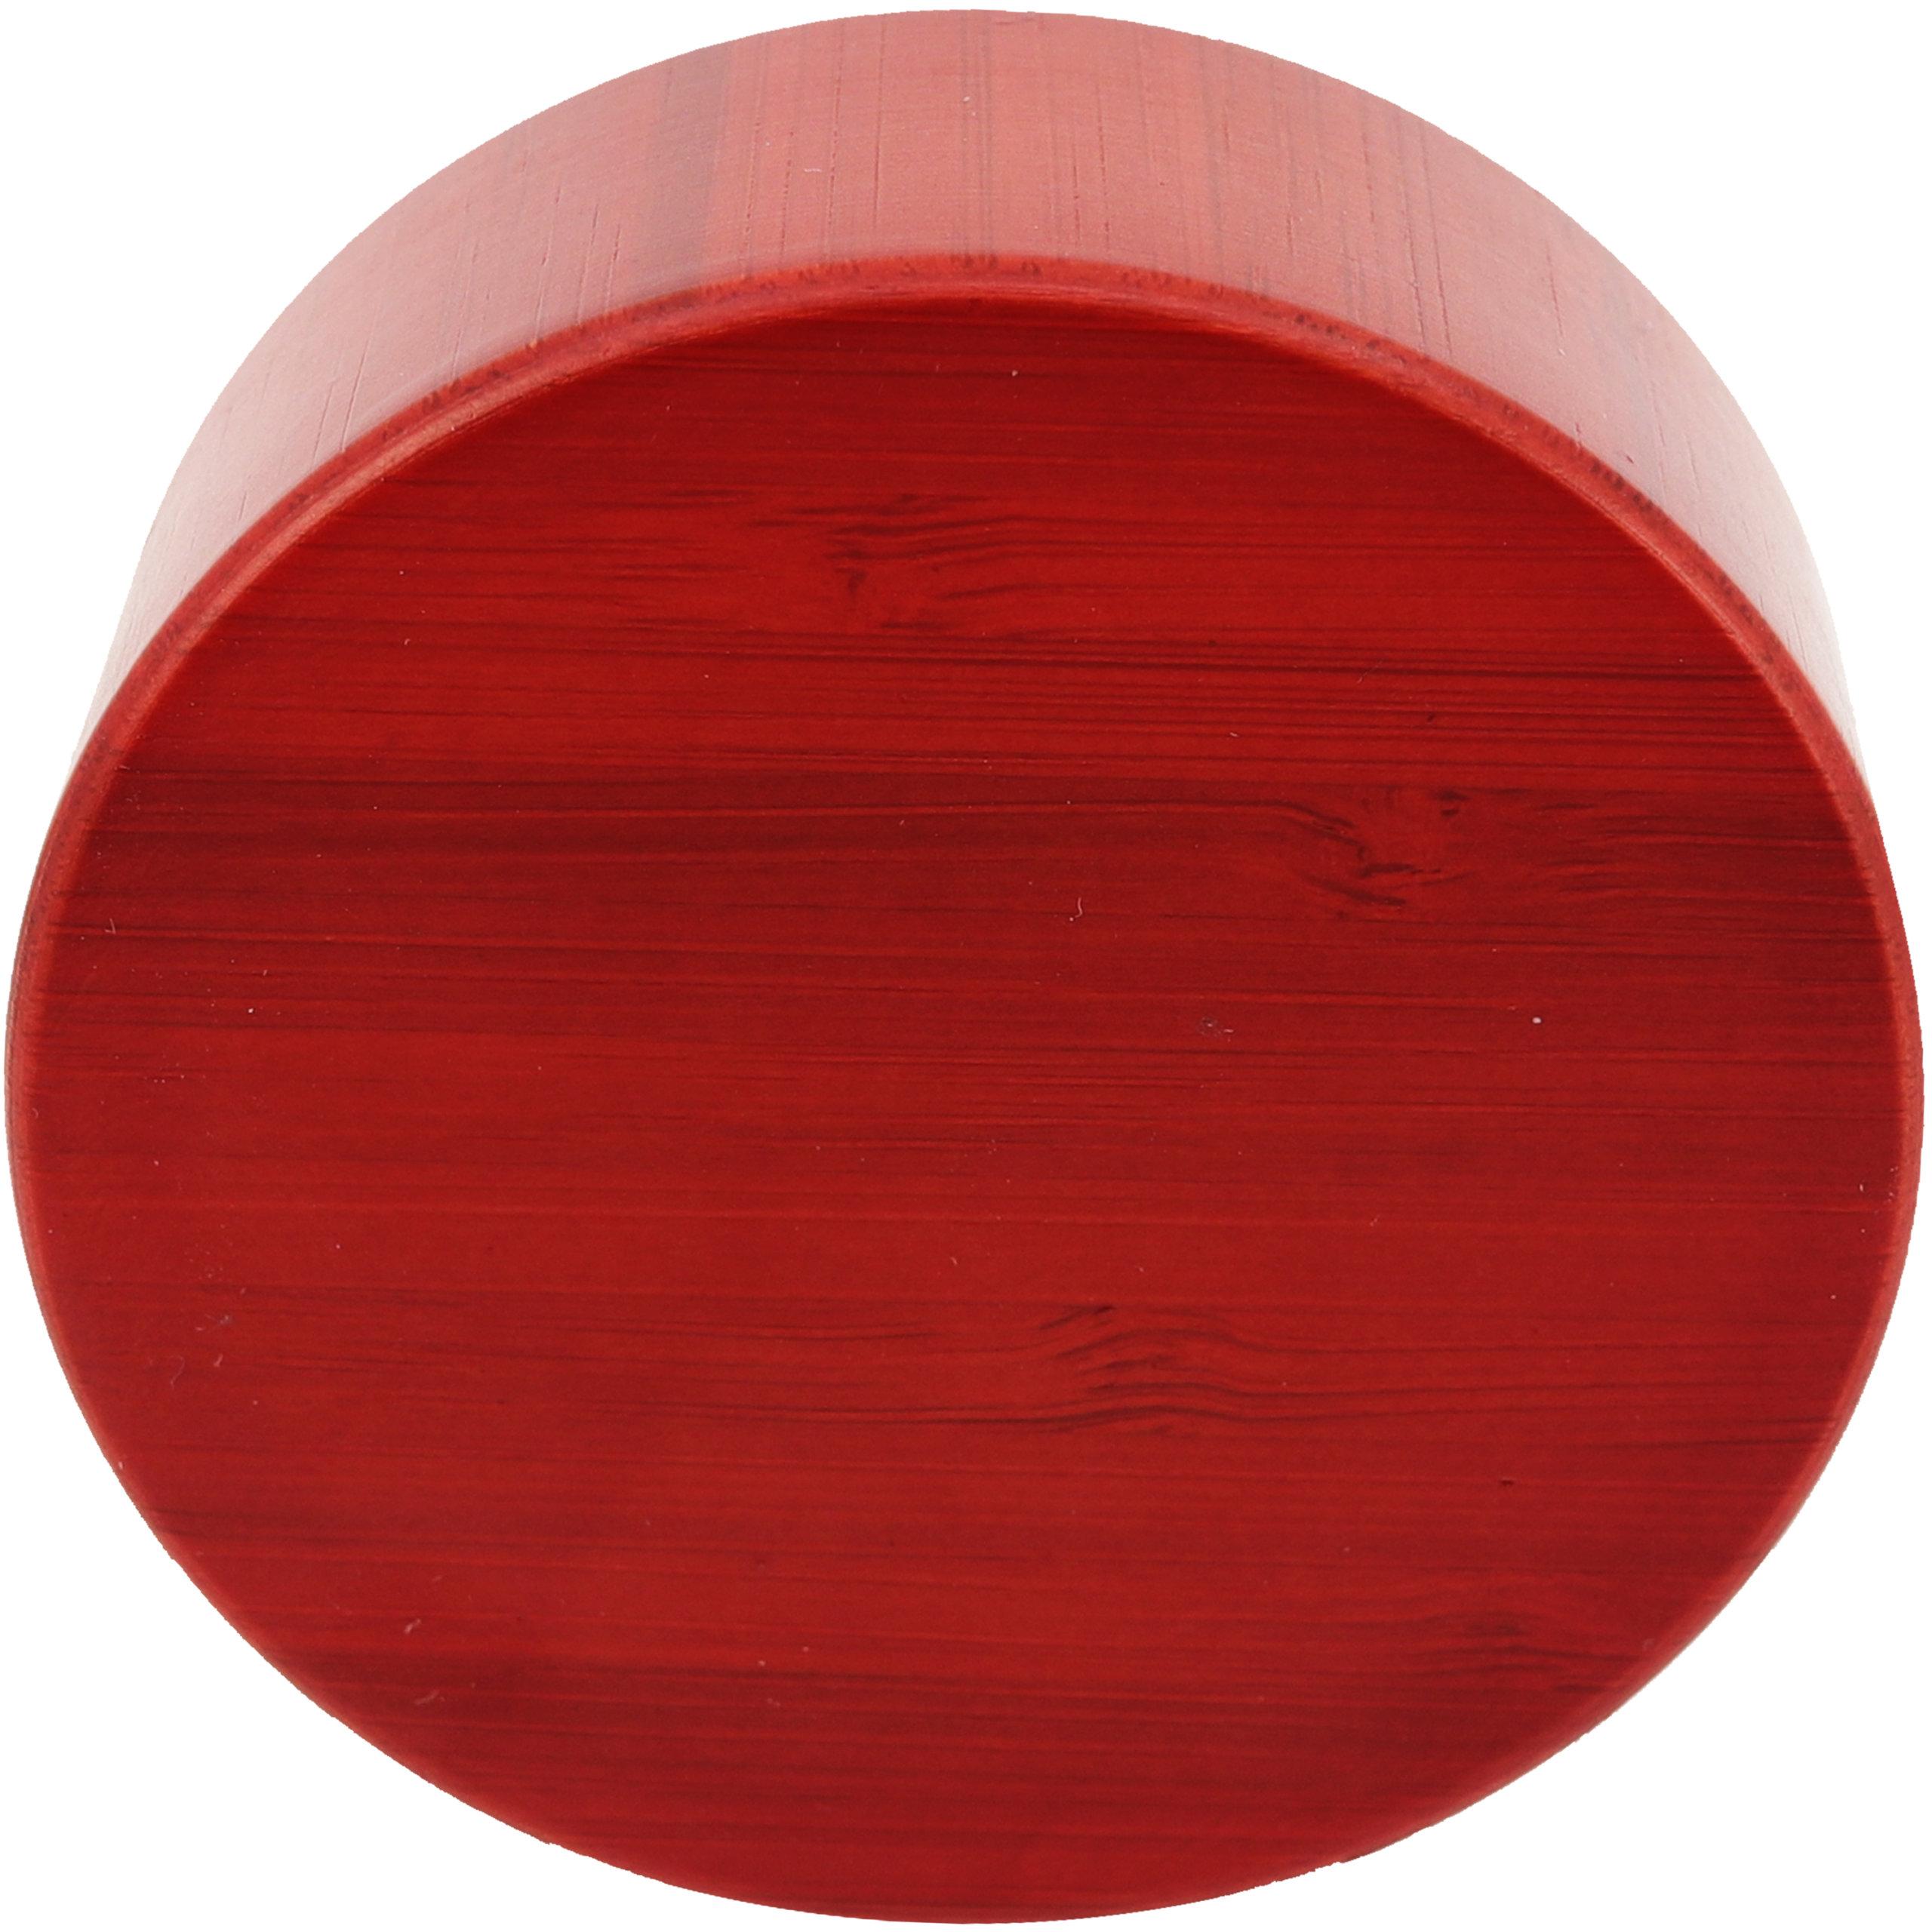 amapodo Ersatzdeckel Bambus Rot passend für 400ml Glasflaschen - Edelstahlkern mit Teesieb Ablage BPA-Frei